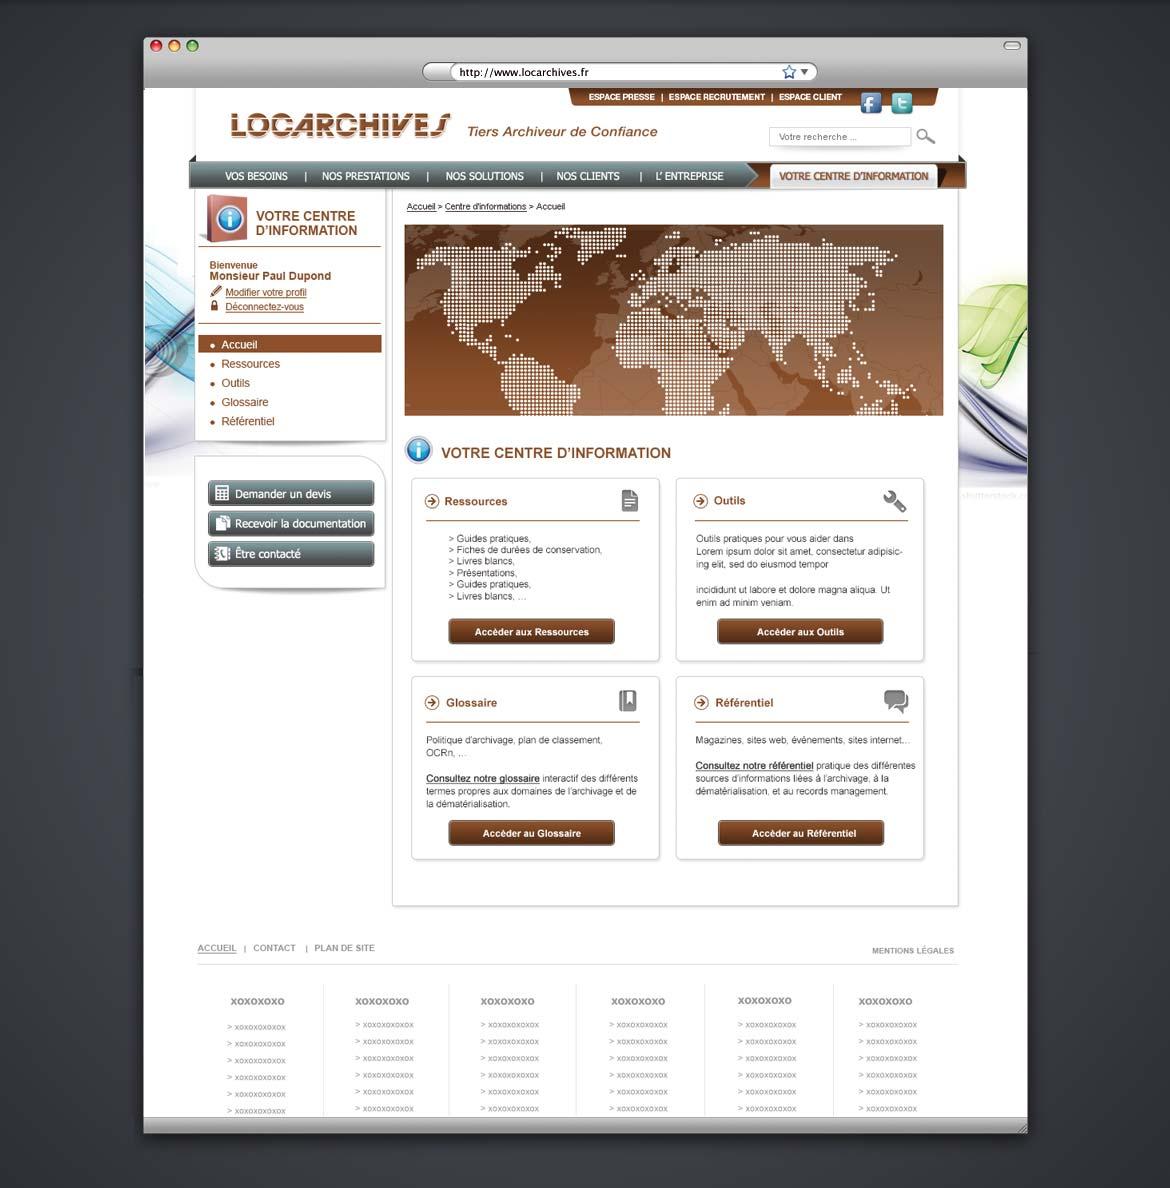 Présentation de la maquette graphique de la page d'accueil du centre d'information